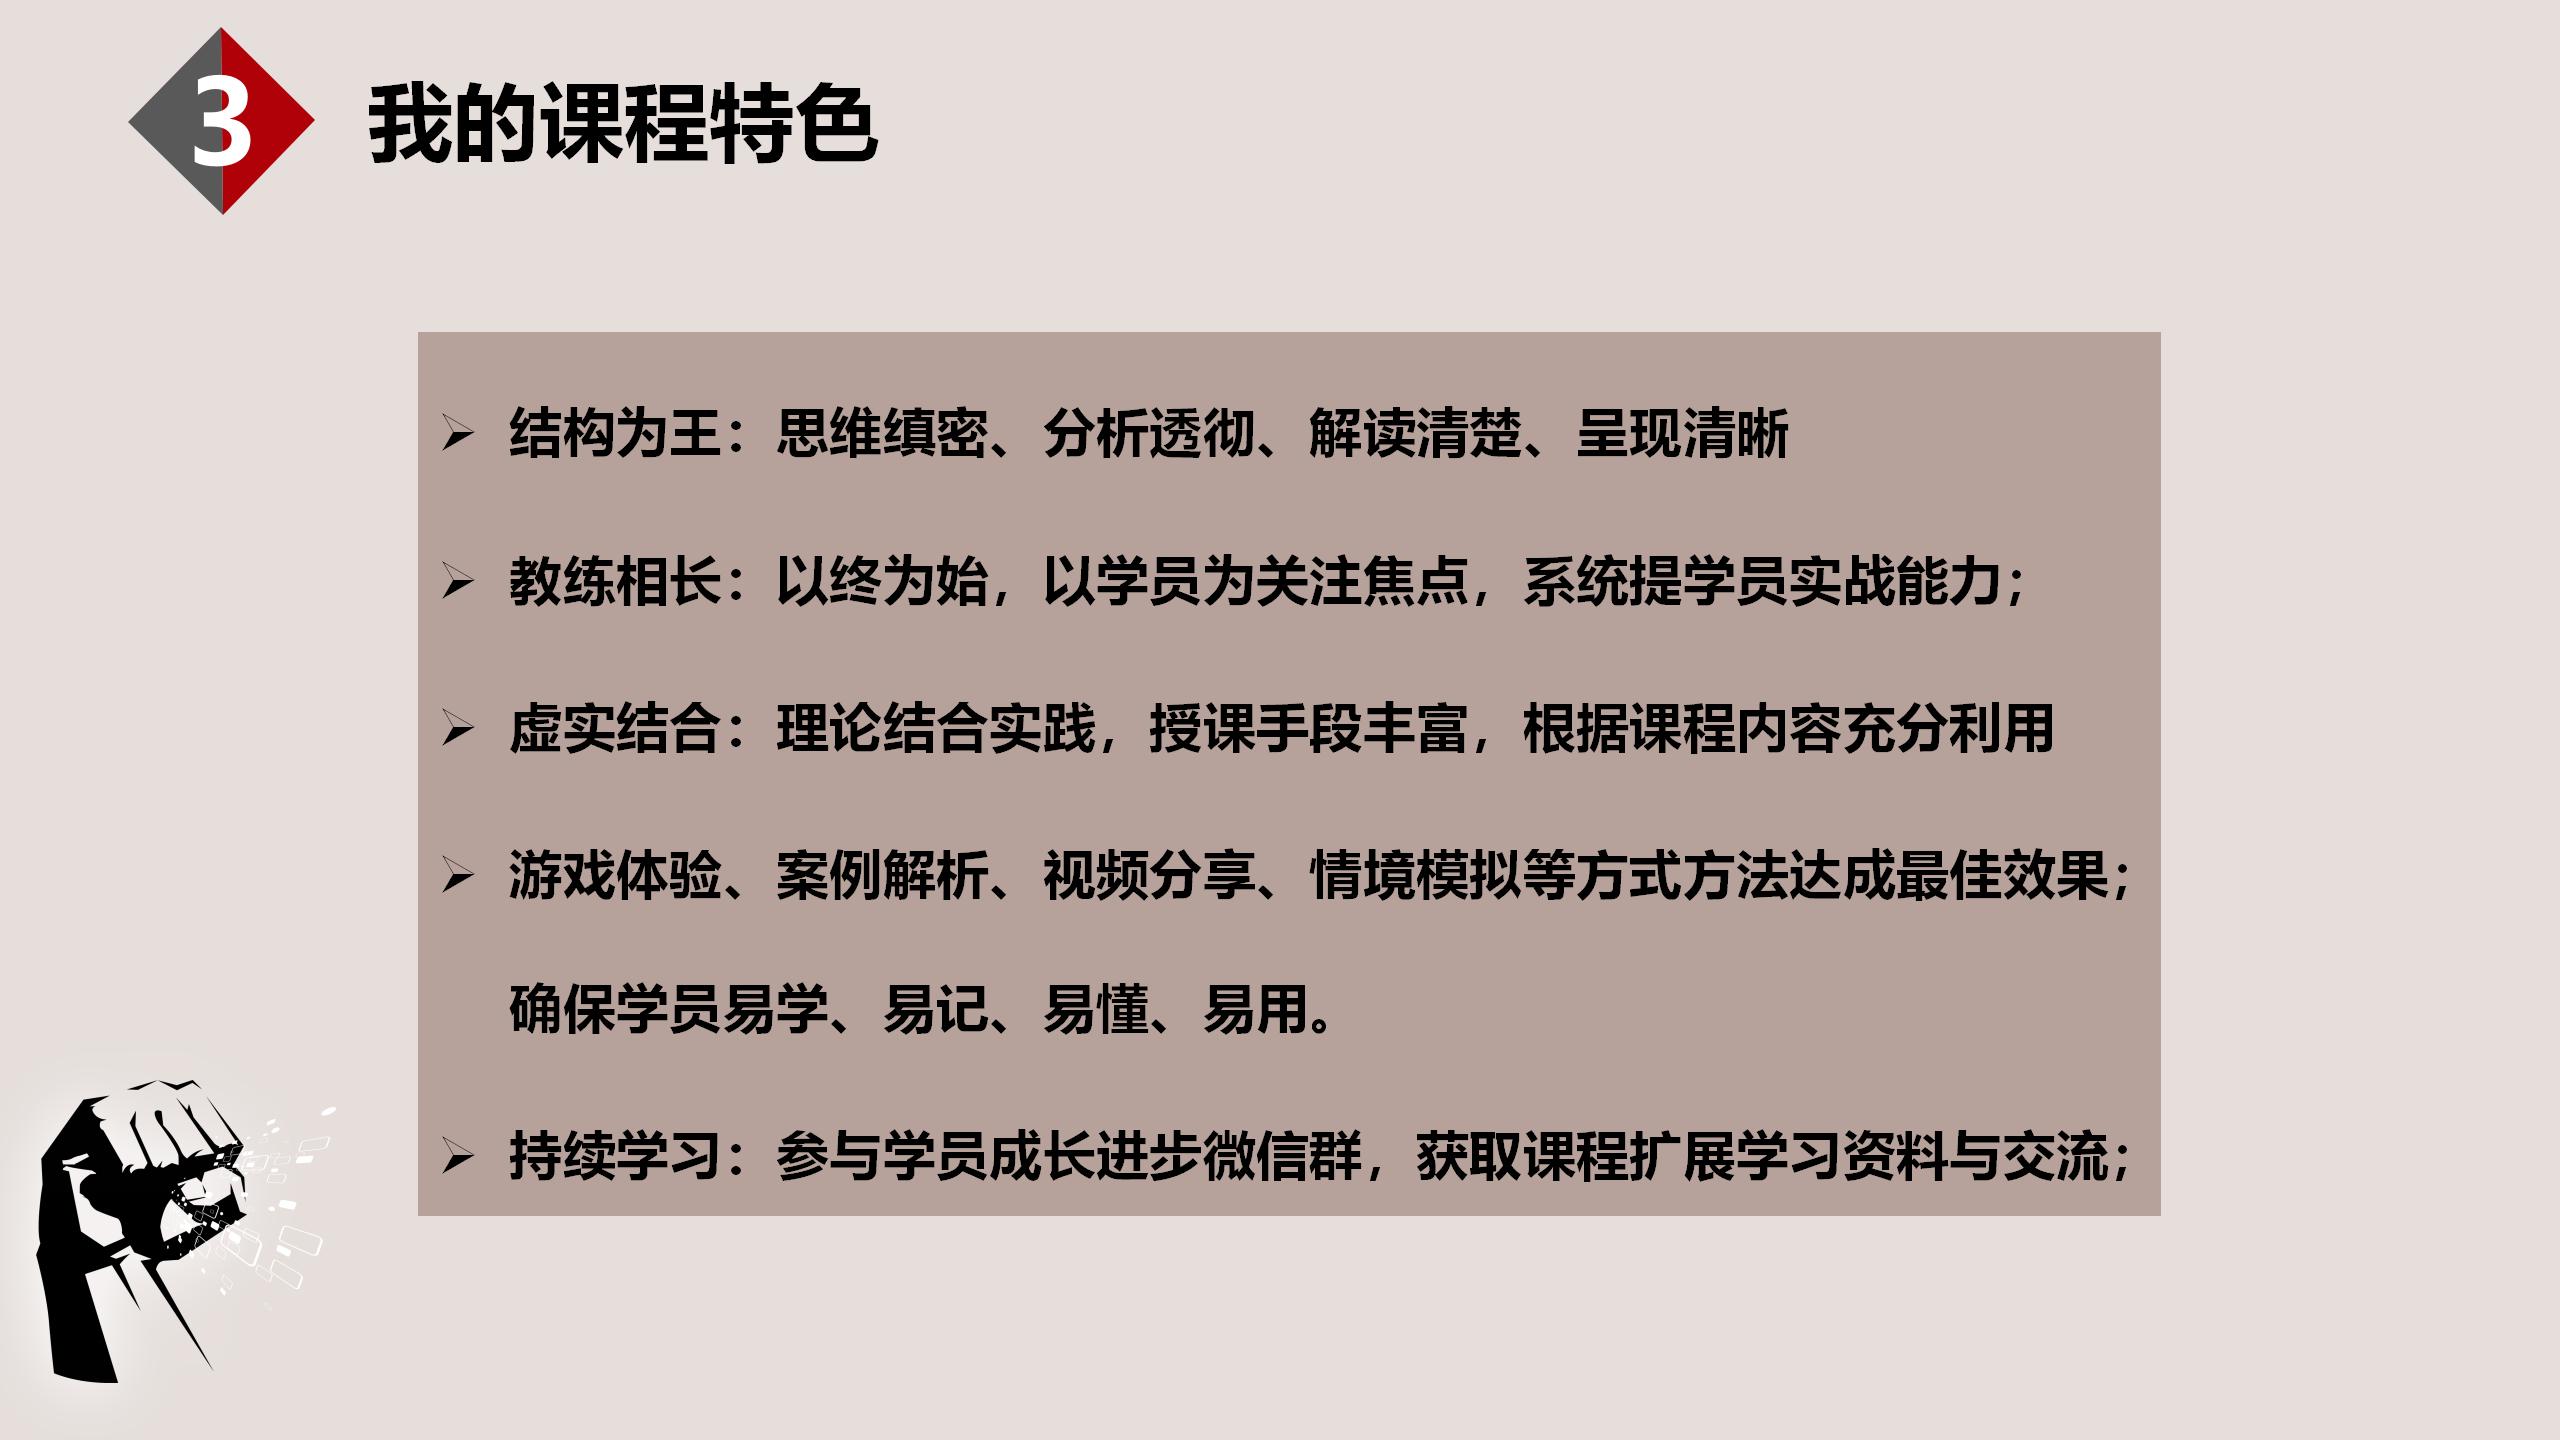 方芳共享大企业讲师介绍_05